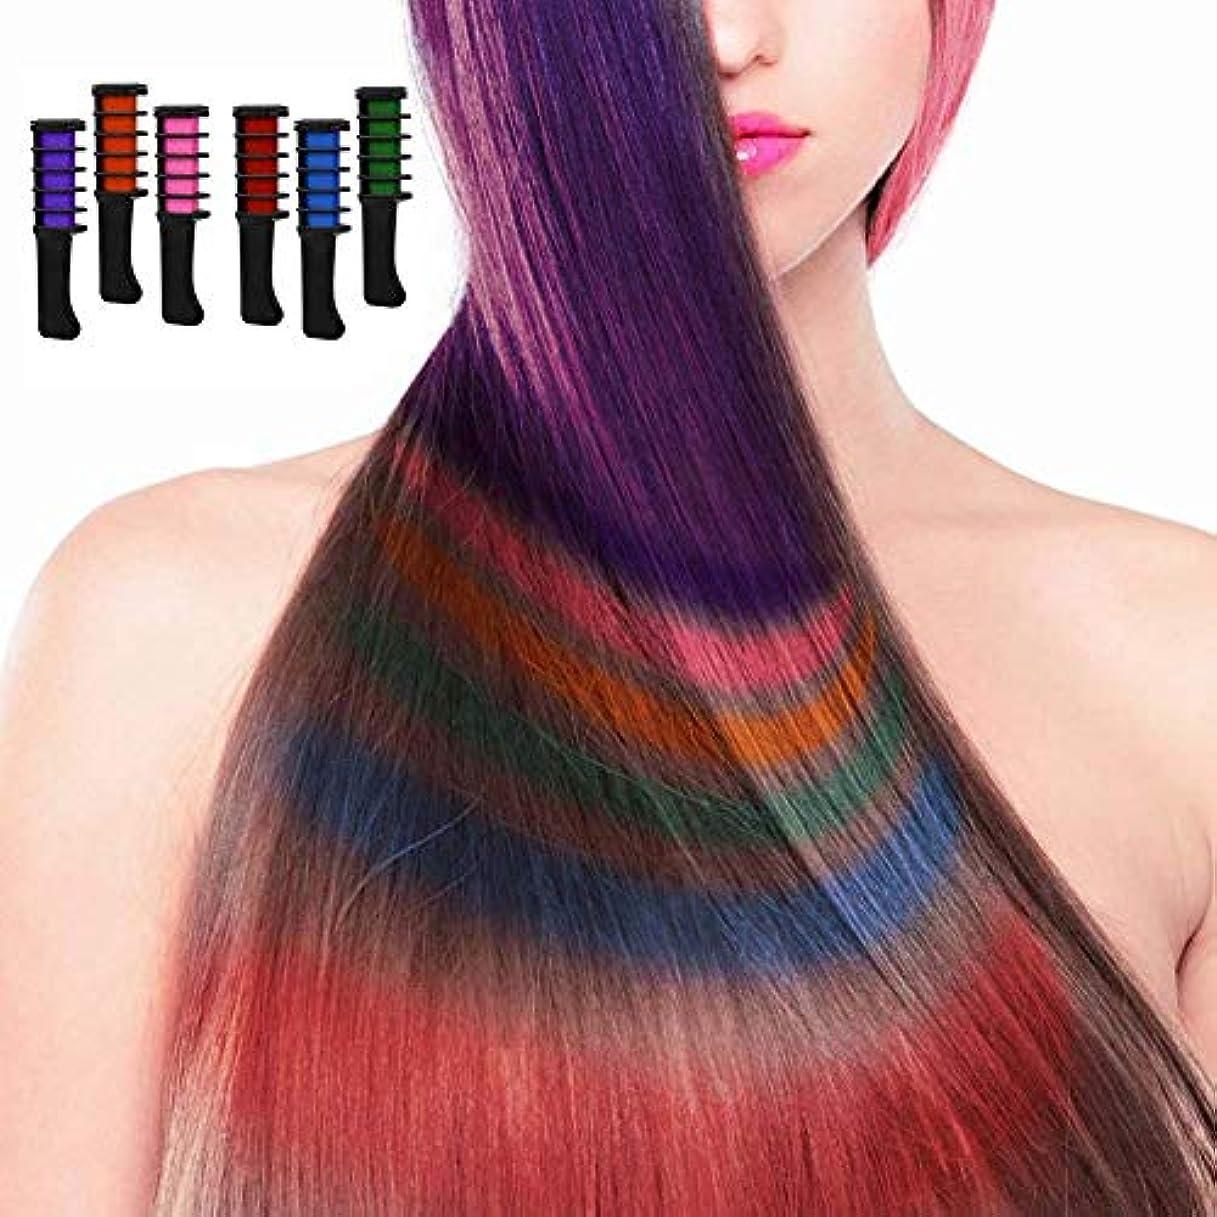 用語集香水レギュラー使い捨てヘアダイスティック一時的なヘアカラークリームはすべての髪の色で動作しますDIYパーティーコスプレハロウィン(6色)